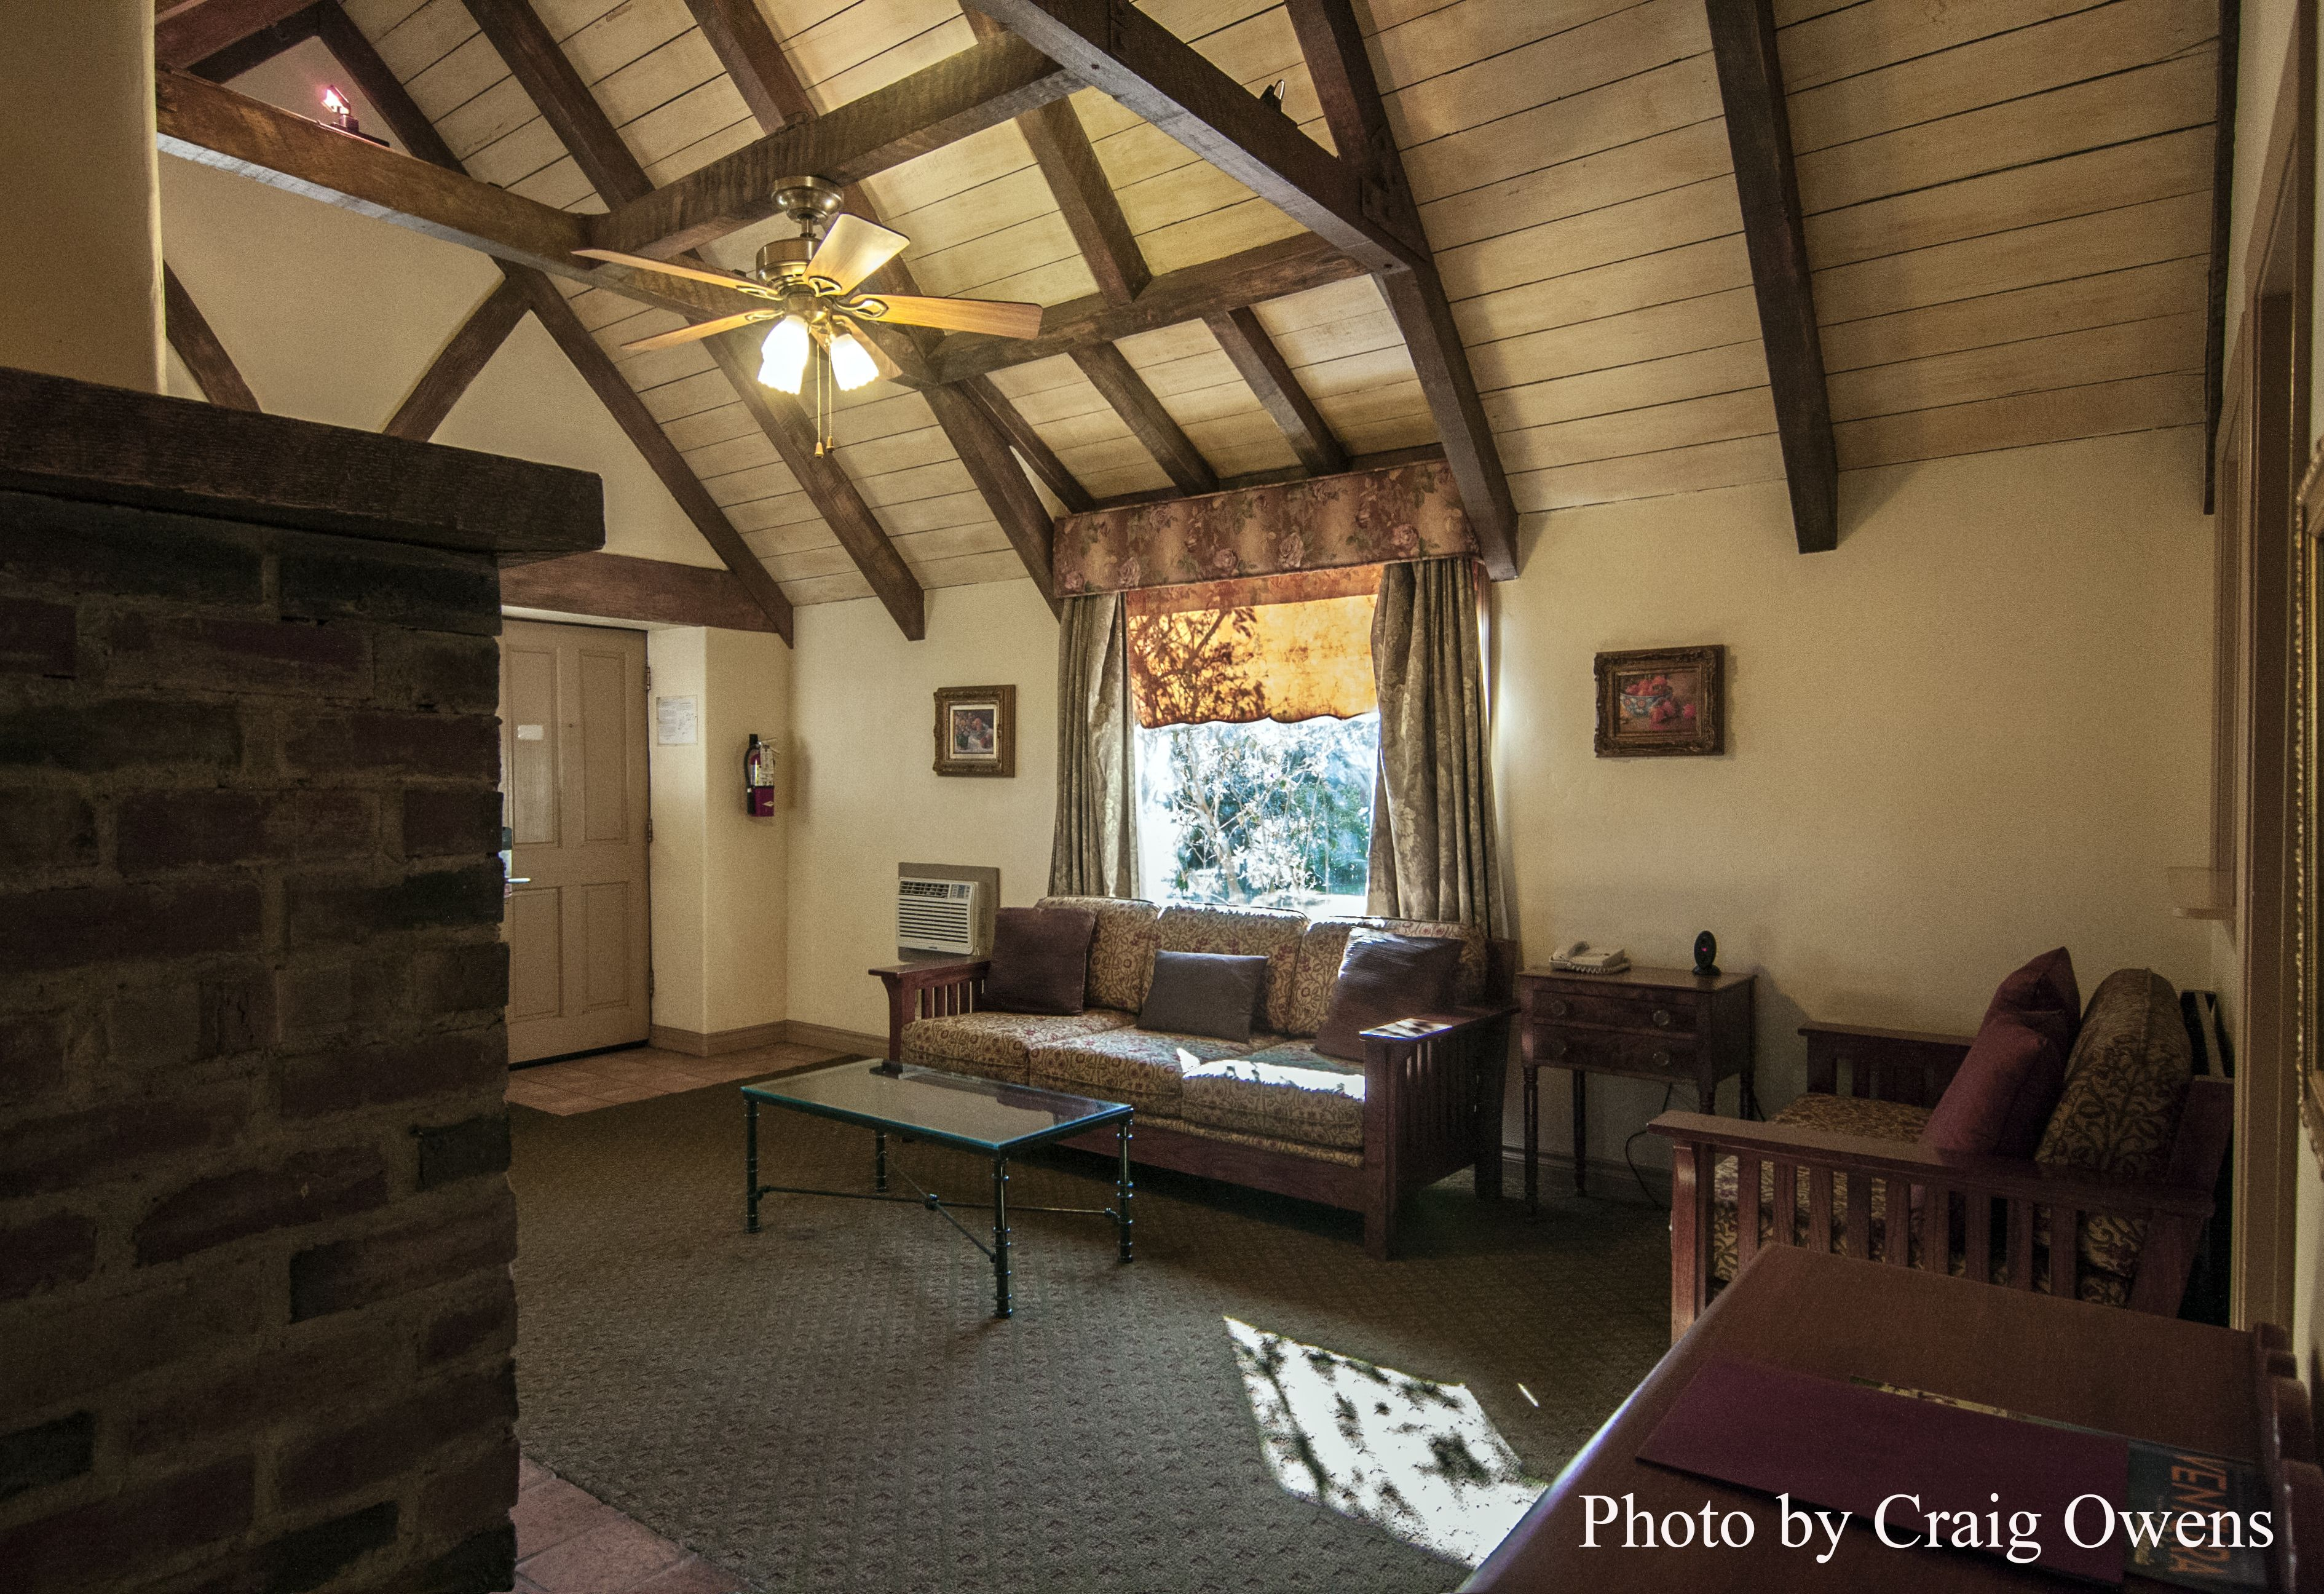 Interior of the Rose Garden Cottage at the Pierpont Inn in Ventura ...